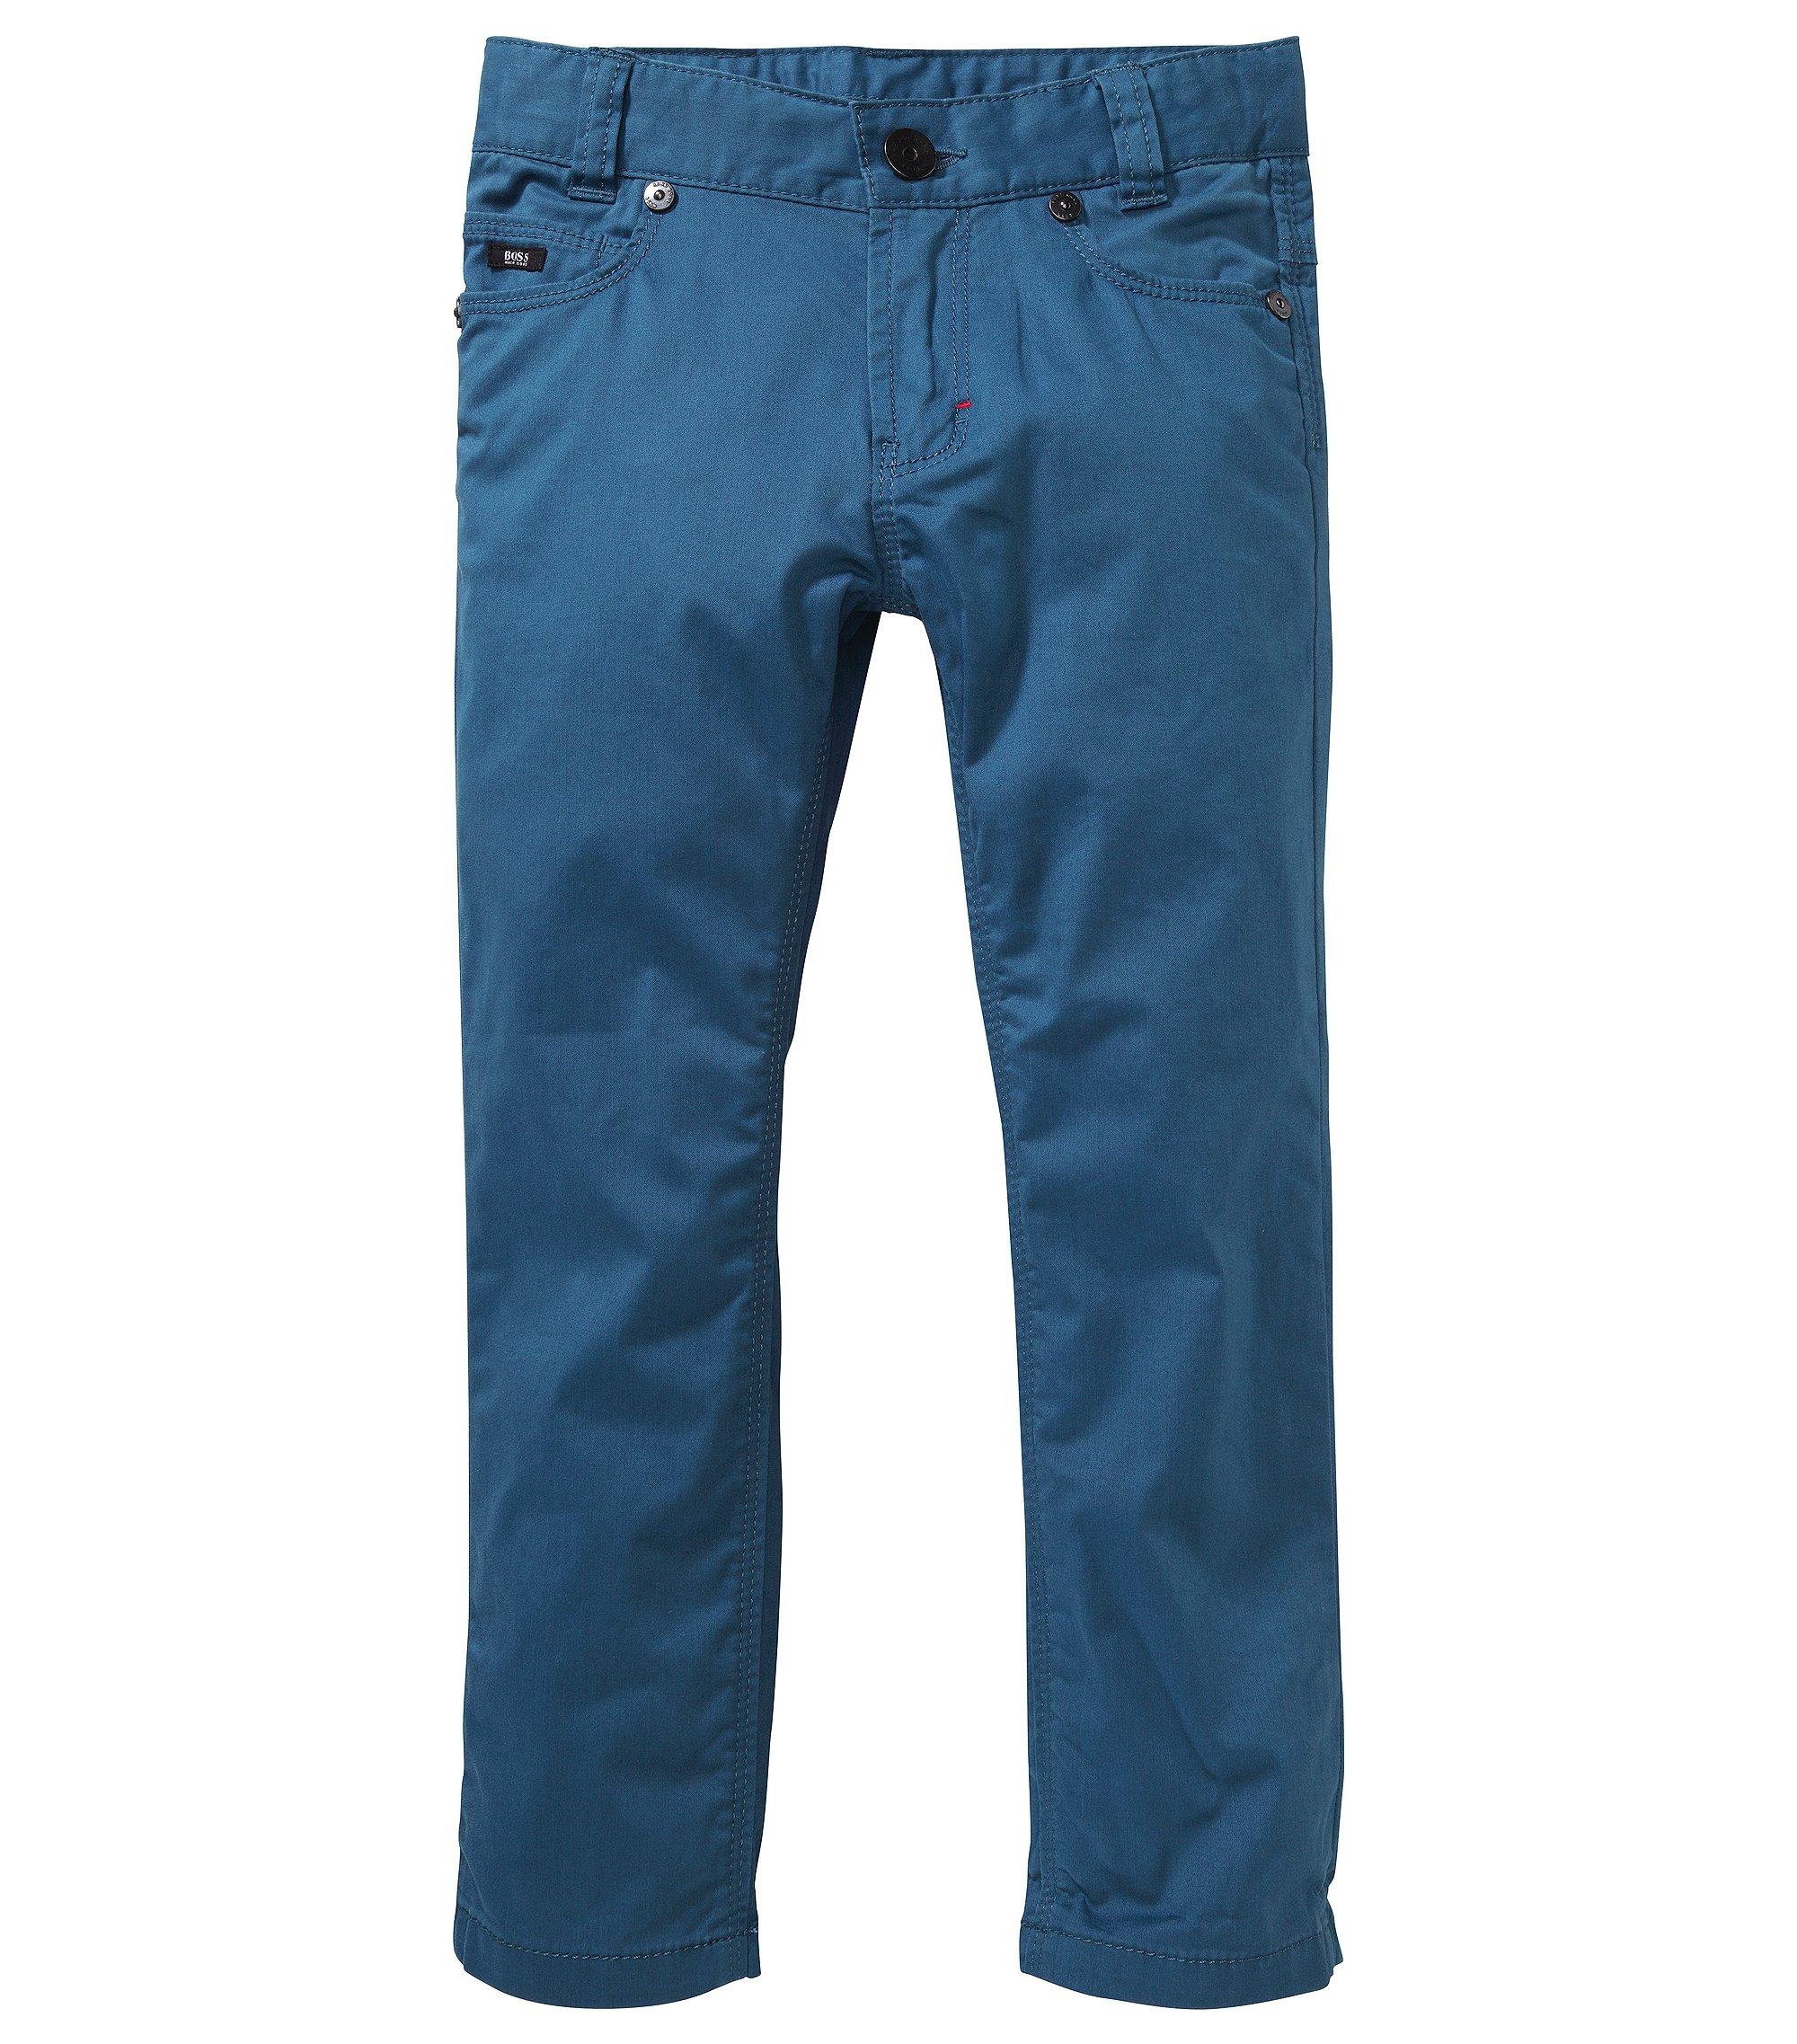 Kids-Jeans ´J24326` mit verstellbarem Gummiband, Dunkelblau